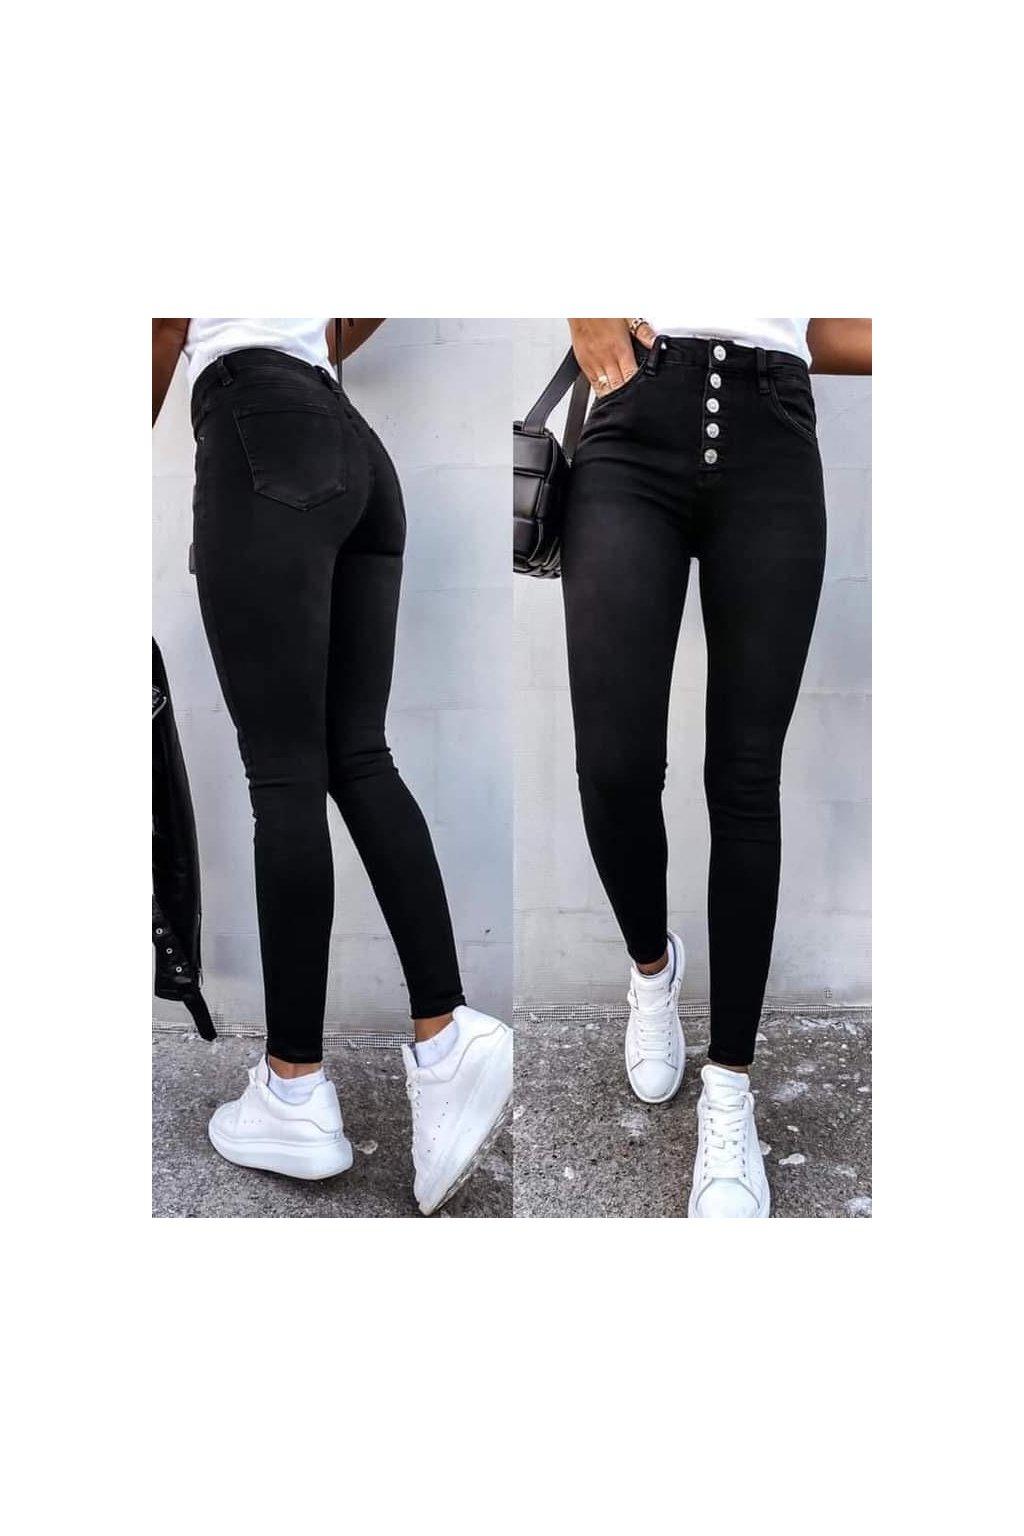 jeans černé knoflíčky s elastanem trendy pohodlné